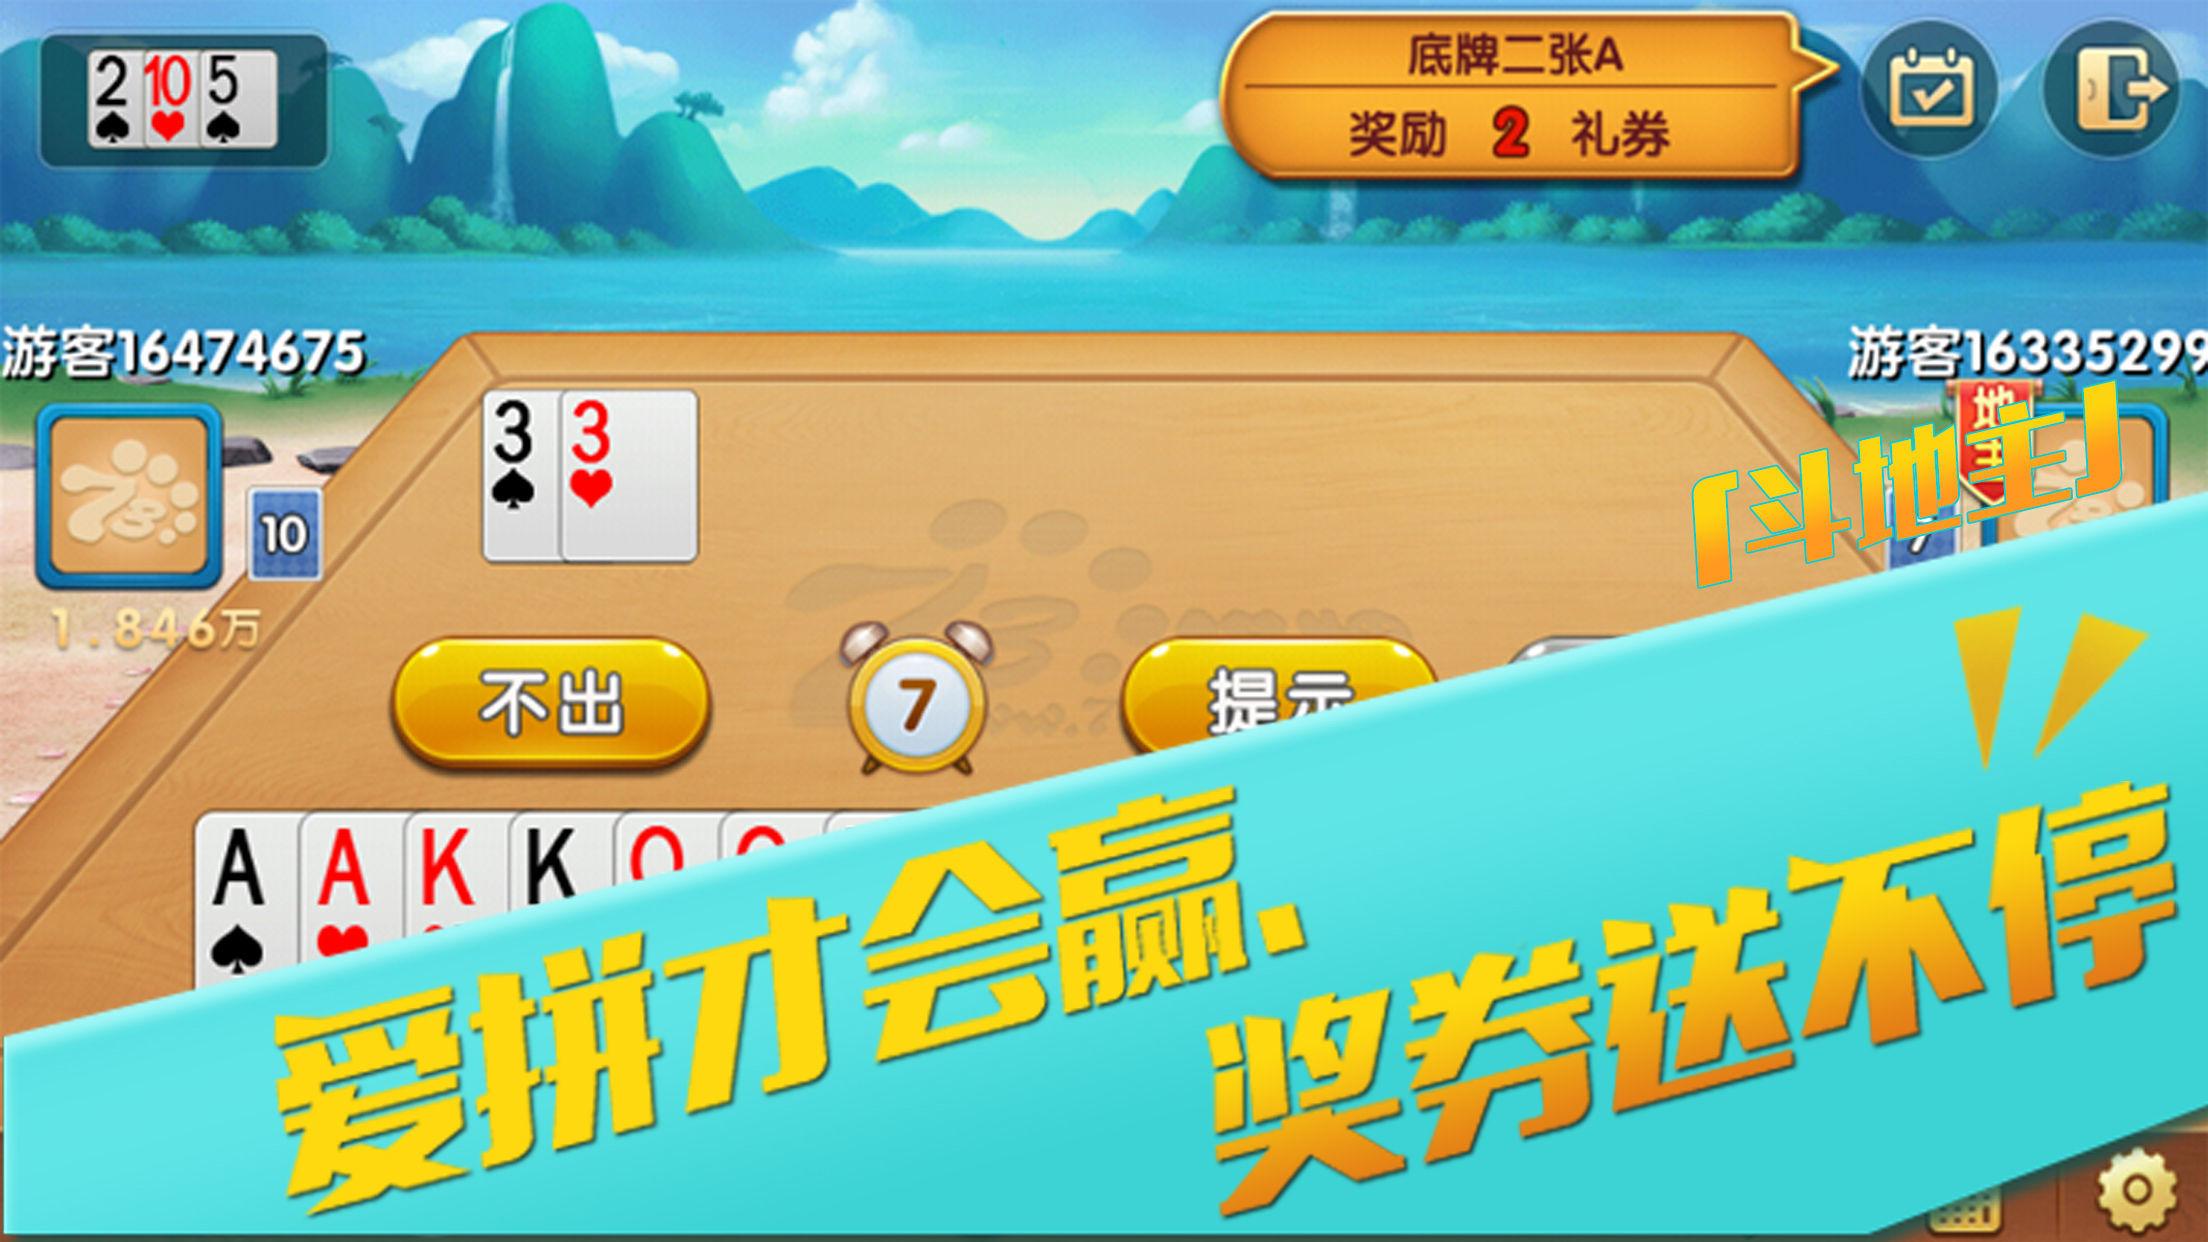 摩登乐约棋牌app官方手机版安卓下载图2: